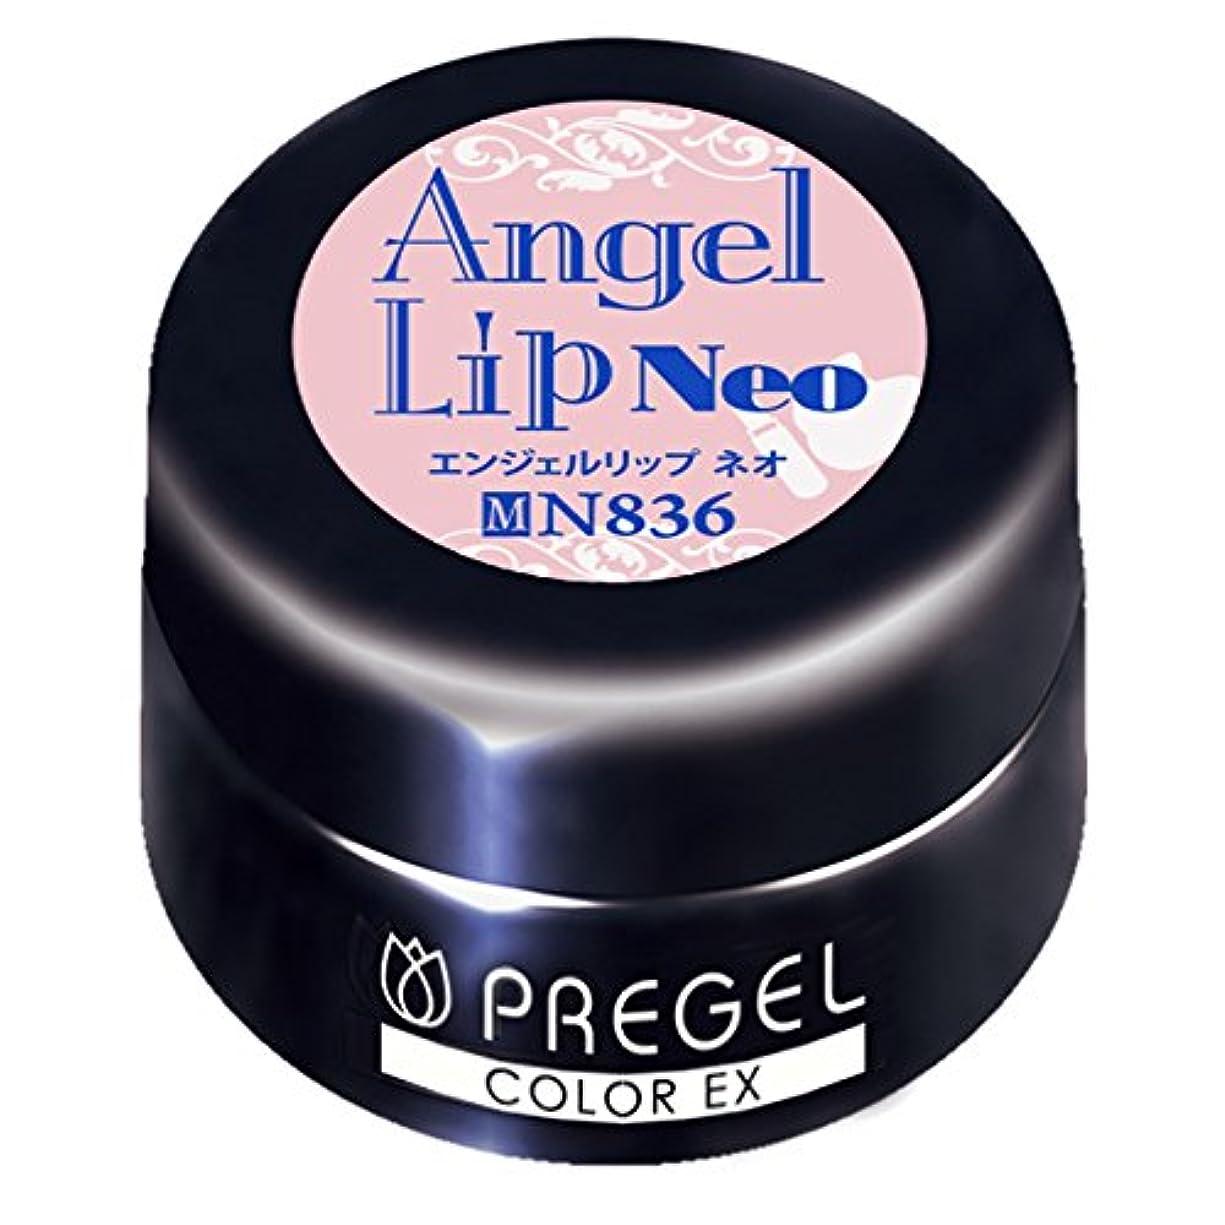 最小マニアック姪PRE GEL カラーEX エンジェルリップneo836 3g UV/LED対応